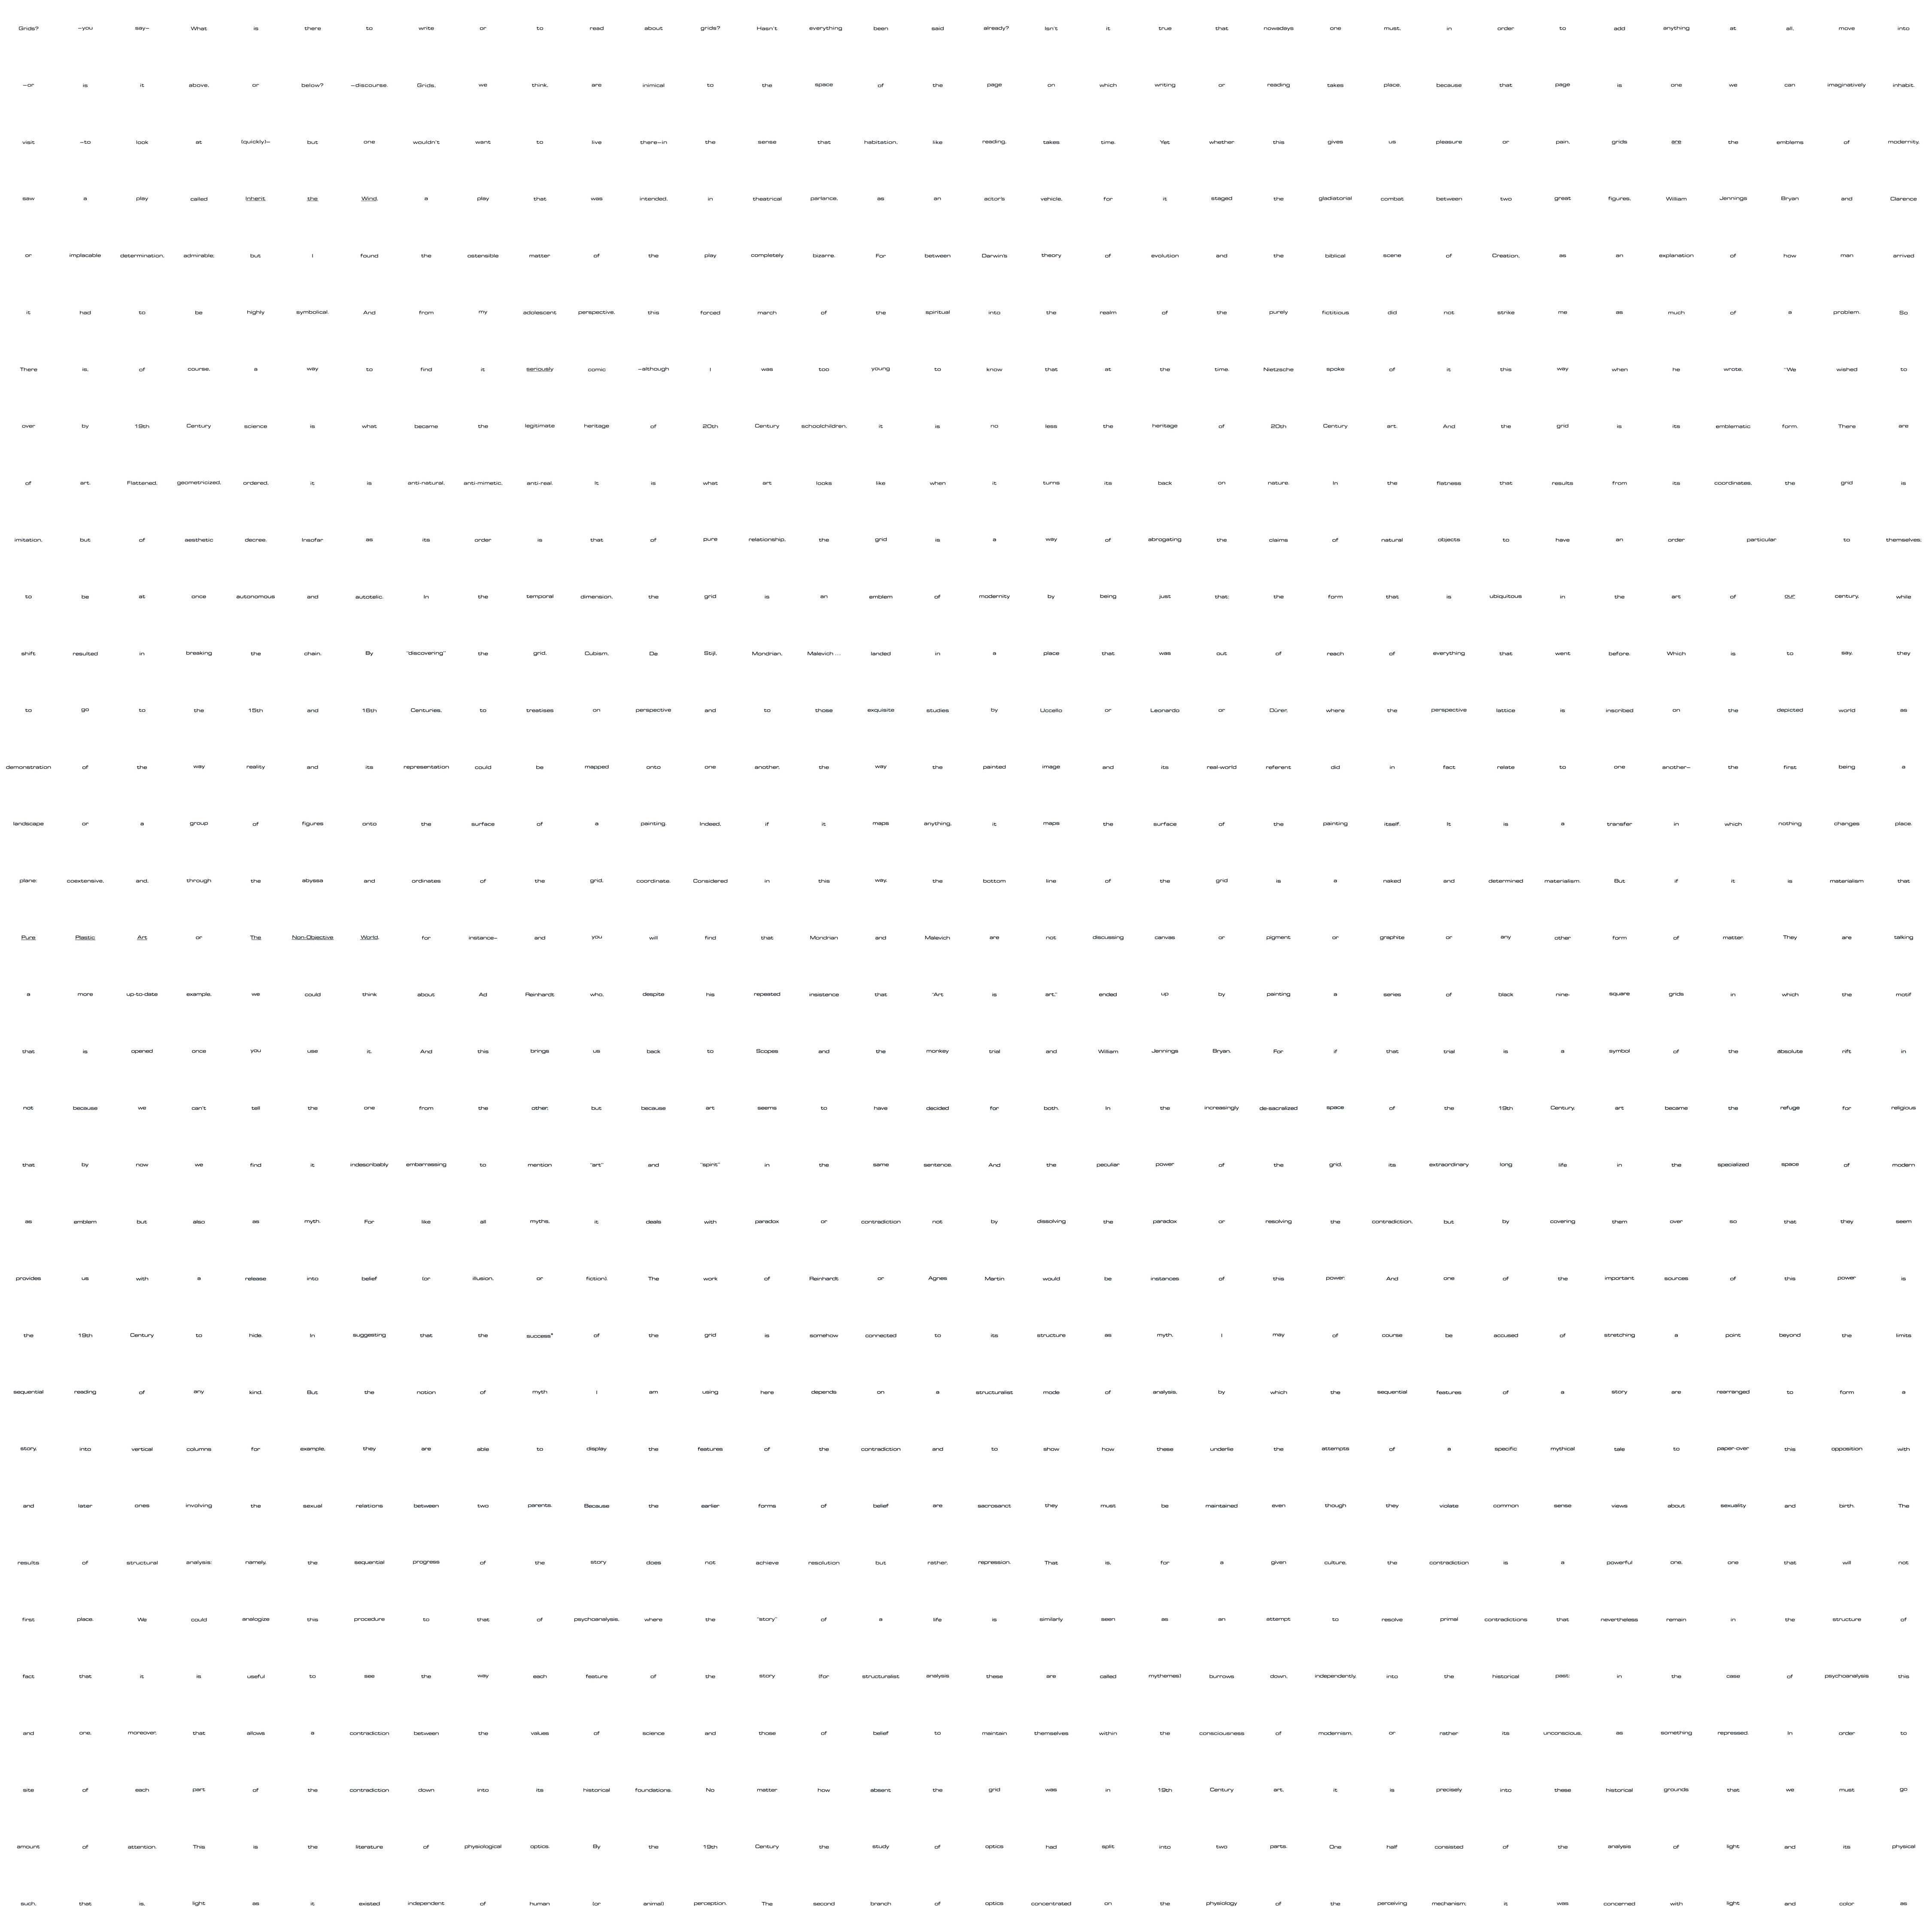 rosalind krauss grids essay Rosalind e krauss rosalind krauss a monograph of essays by krauss rosalind krauss' text is followed by illustrations of works by donald judd.